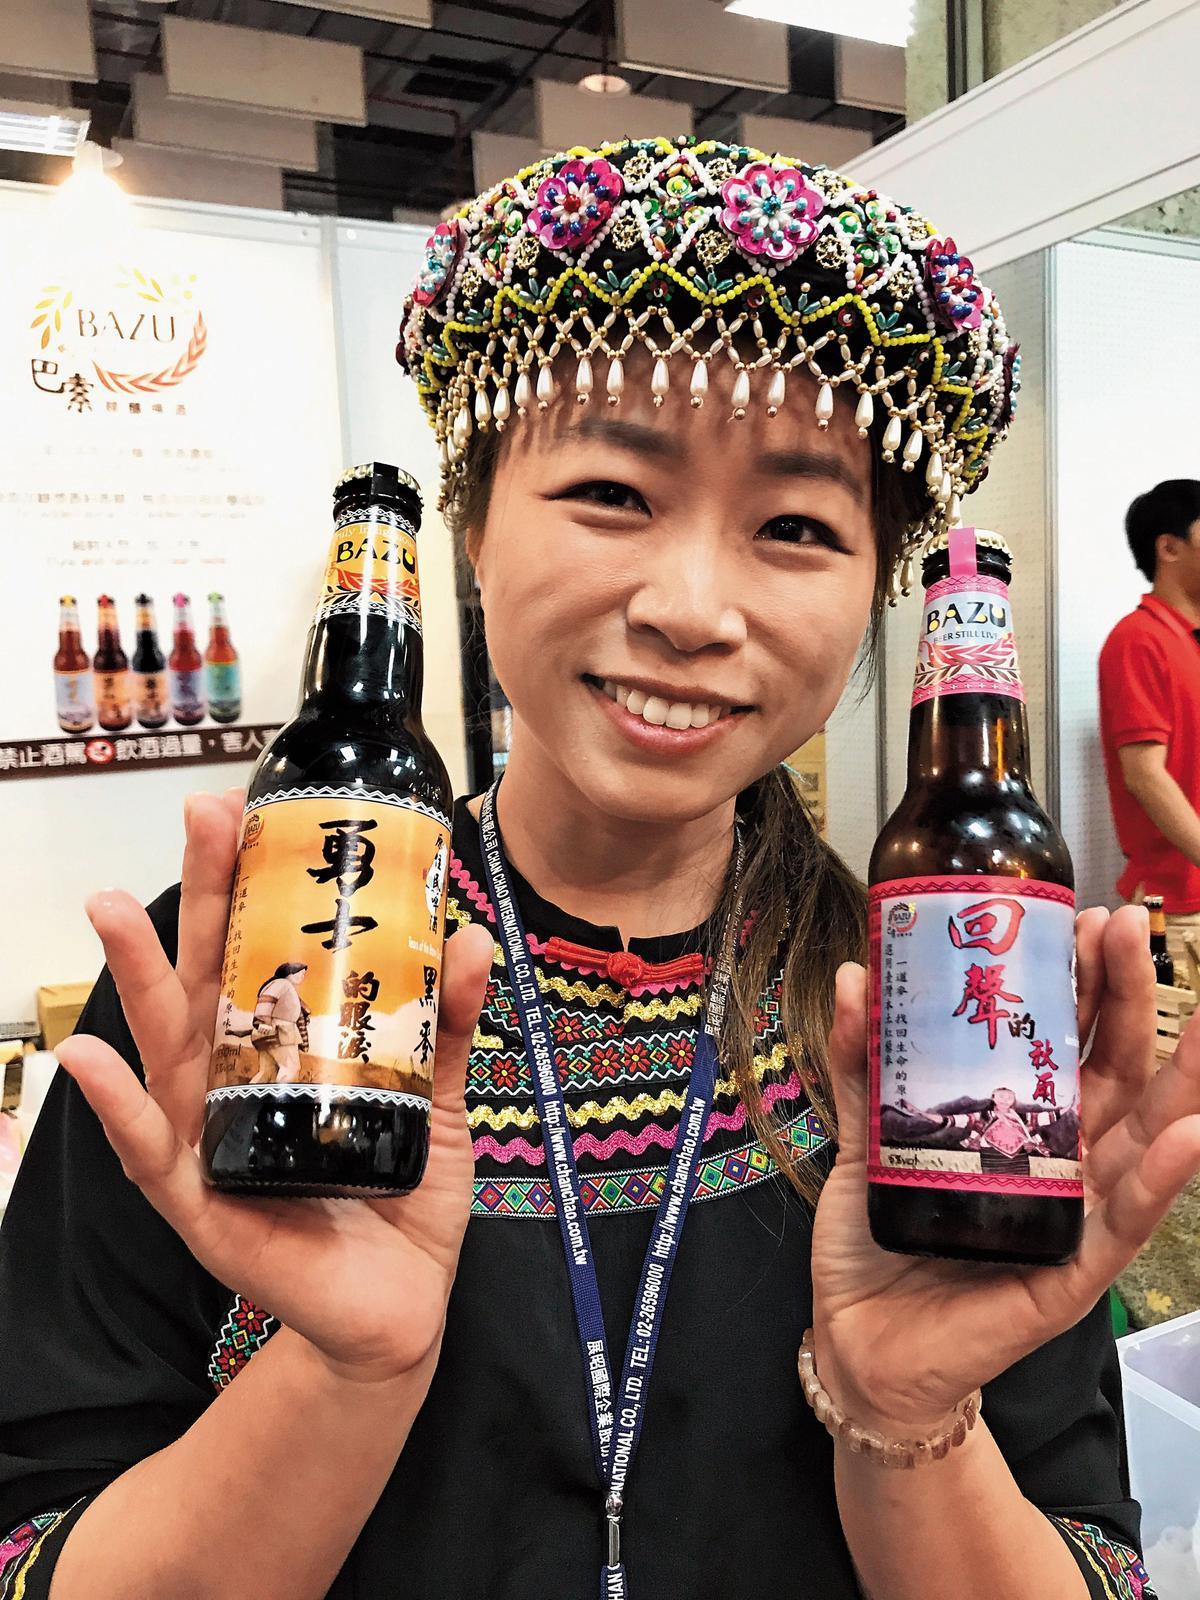 除英、美、比利時等精釀啤酒大國外,歐陸也很有啤酒文化,甚至亞洲也新興精釀風,在台灣就有人把原住民釀小米酒的工藝與啤酒成功結合。